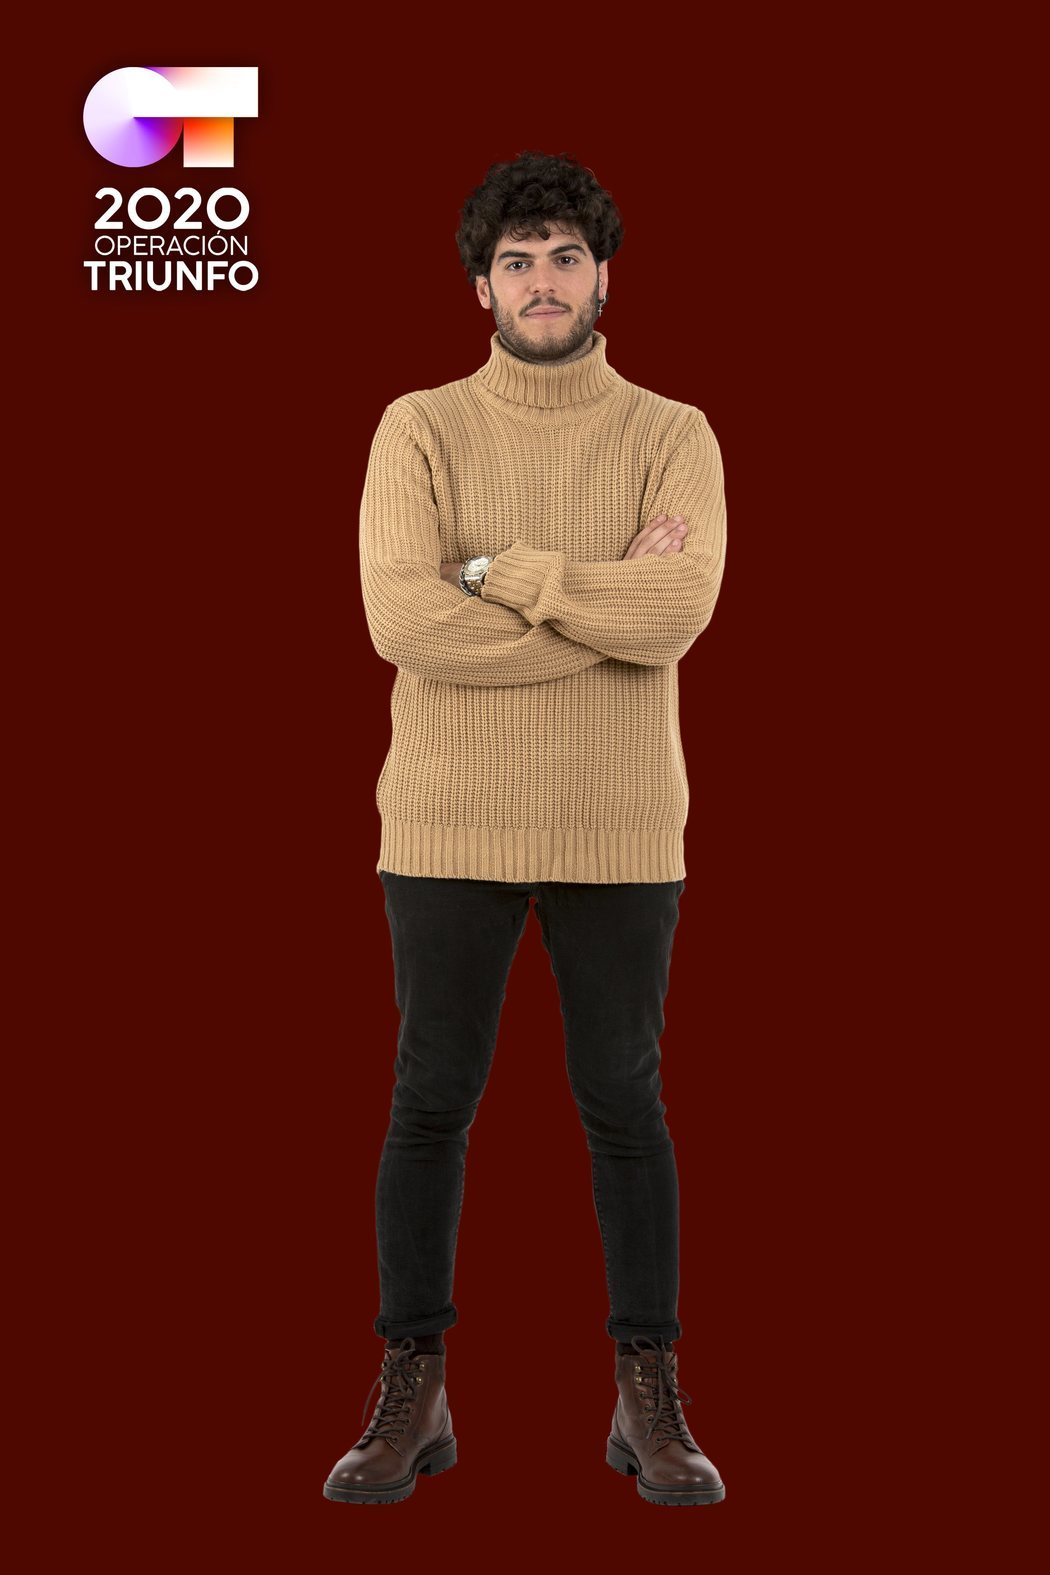 Posado de Rafa Romera, concursante de 'OT 2020'